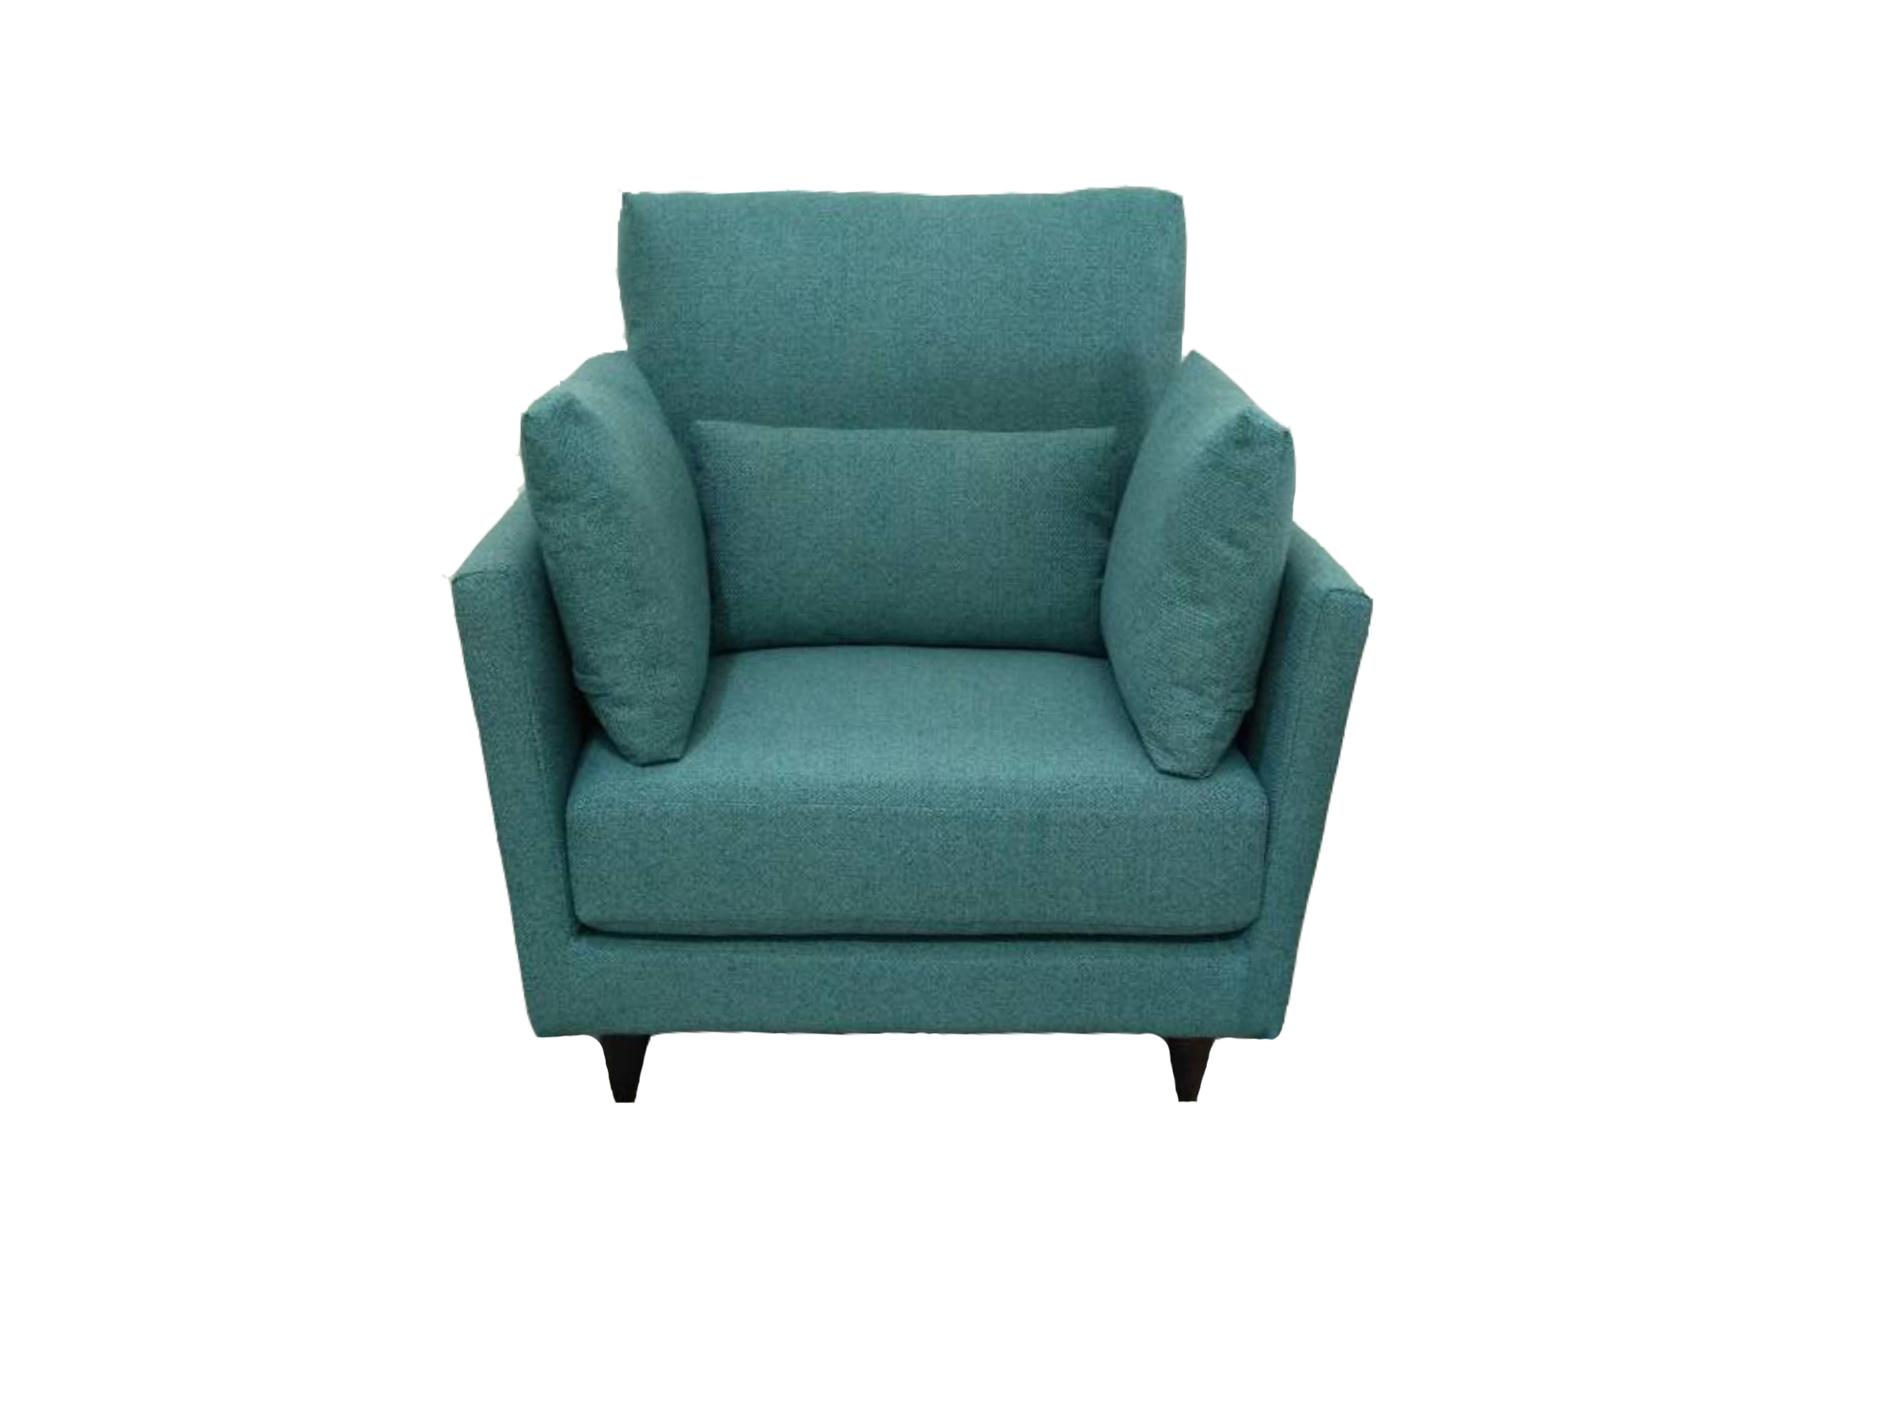 Valerio Designer Italian Fabric Sofa – Avanti -1 Seater fabric sofa